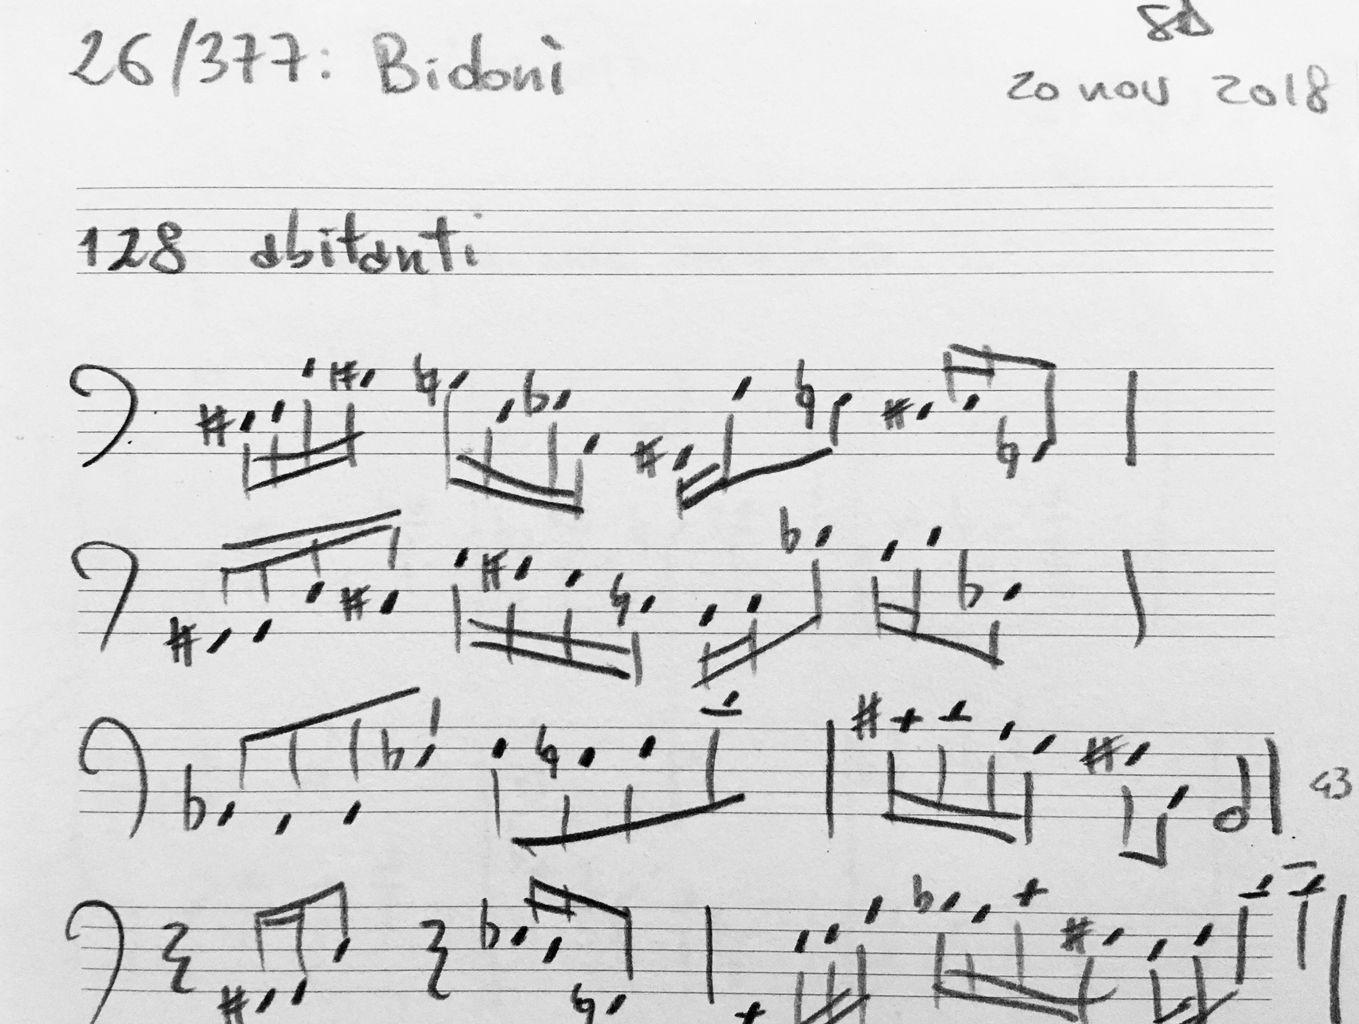 026-Bidonì-score